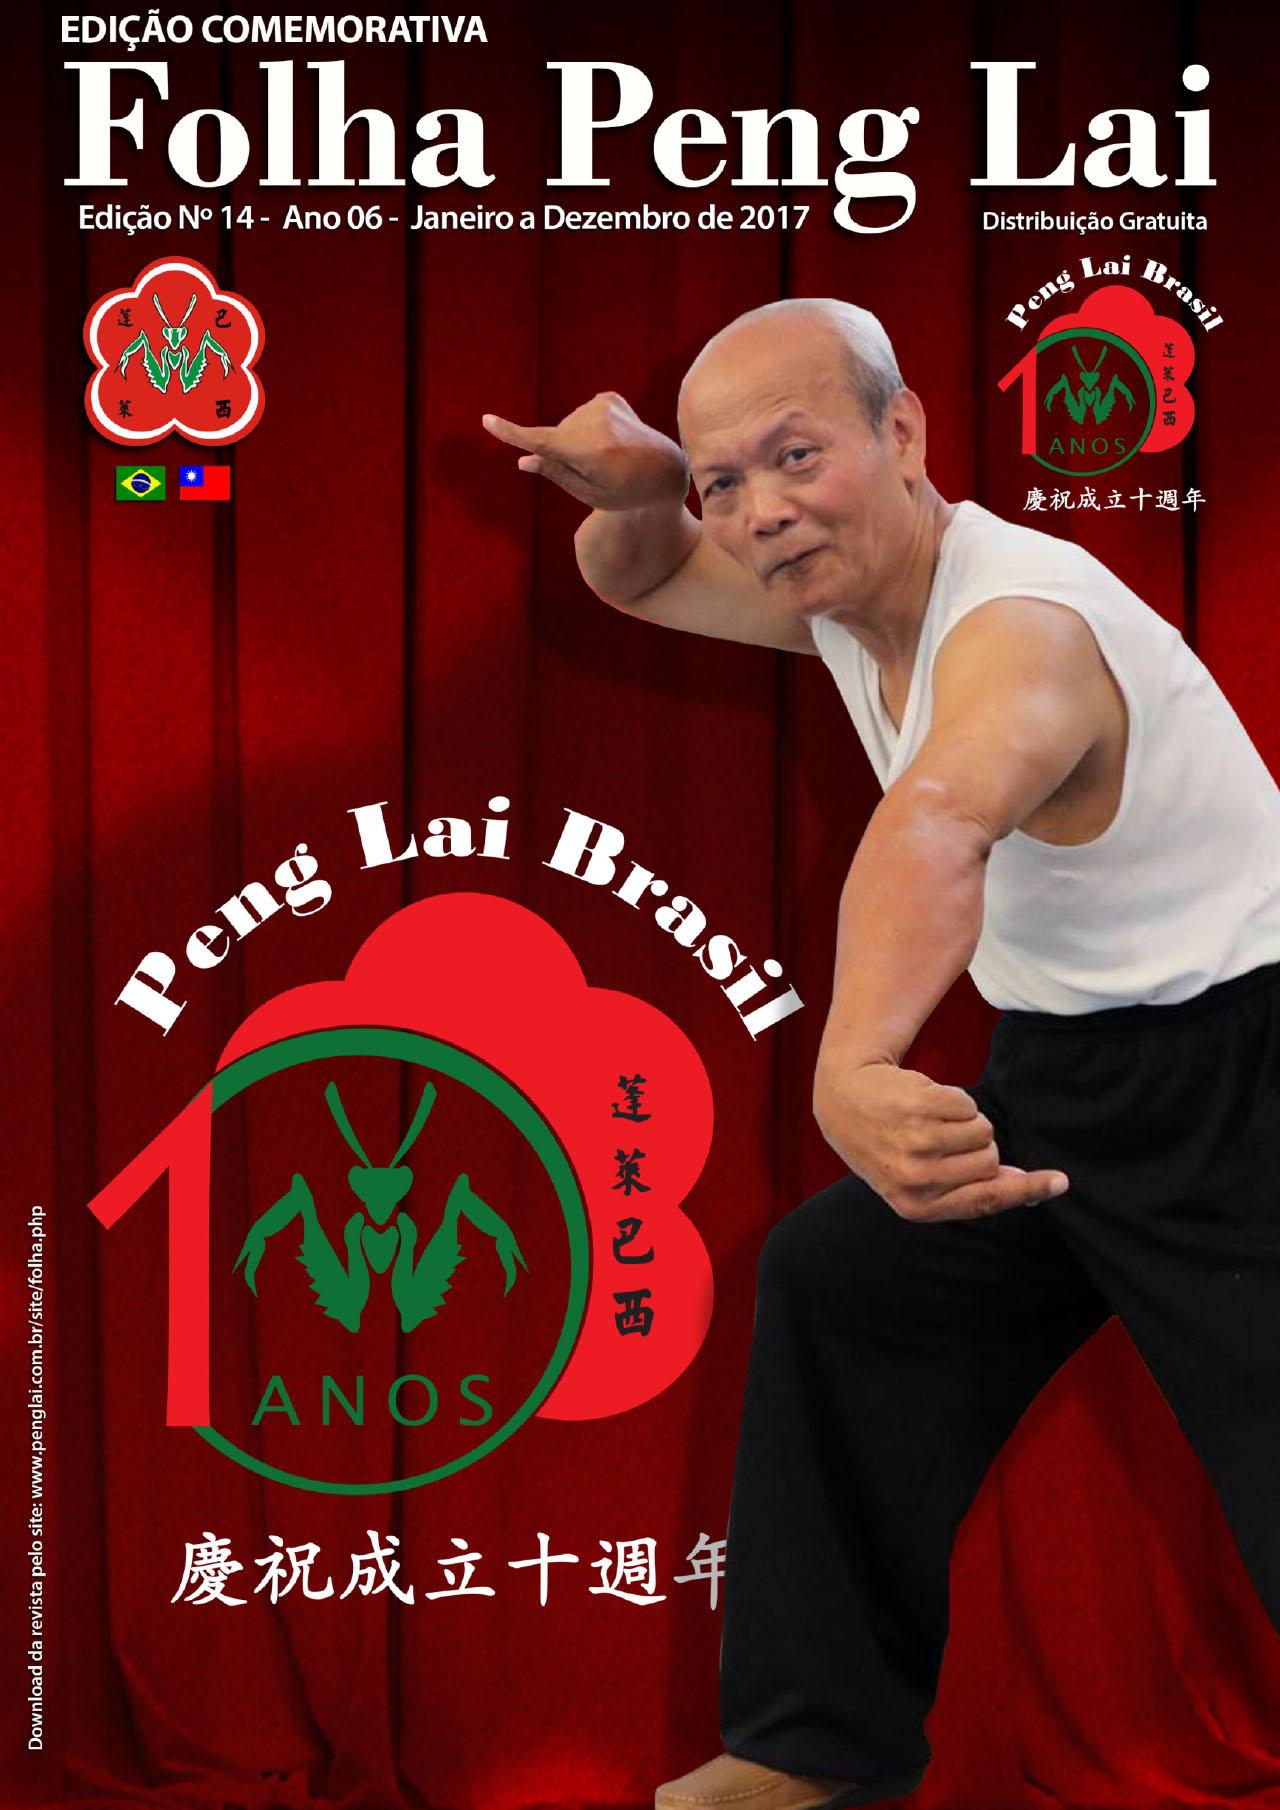 Folha Peng Lai - Edição 14